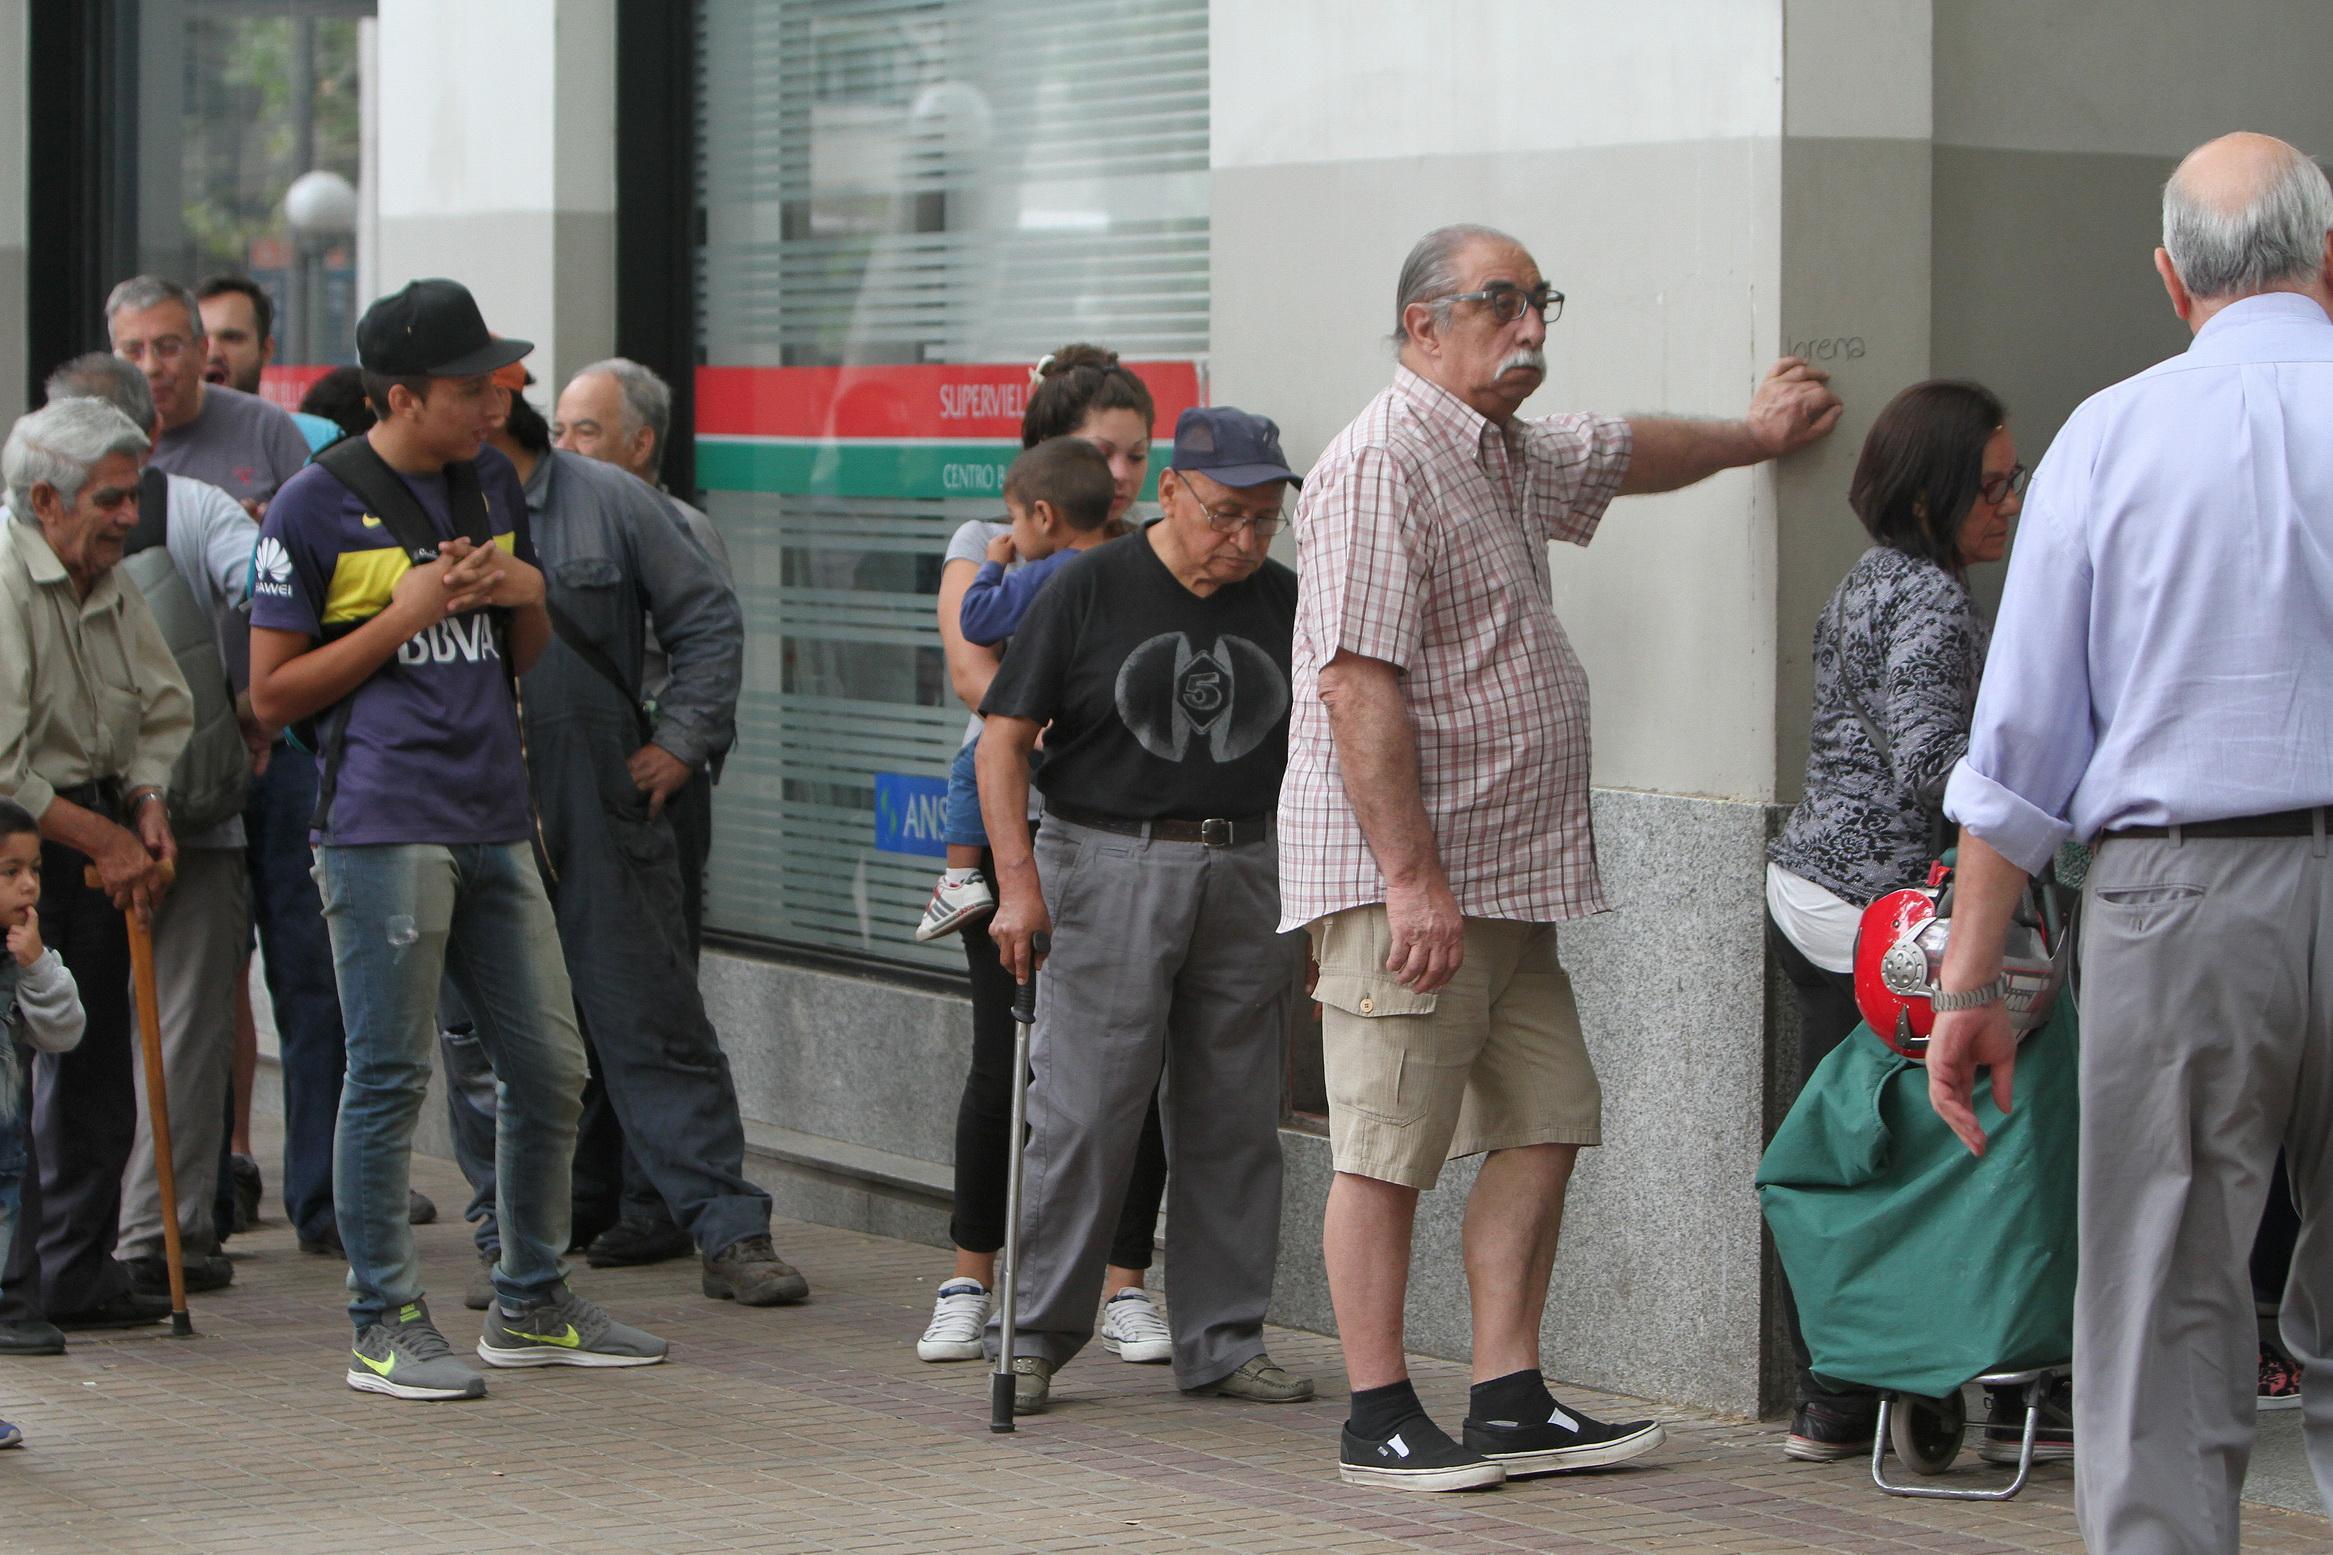 El paro podría extenderse — Banco Provincia